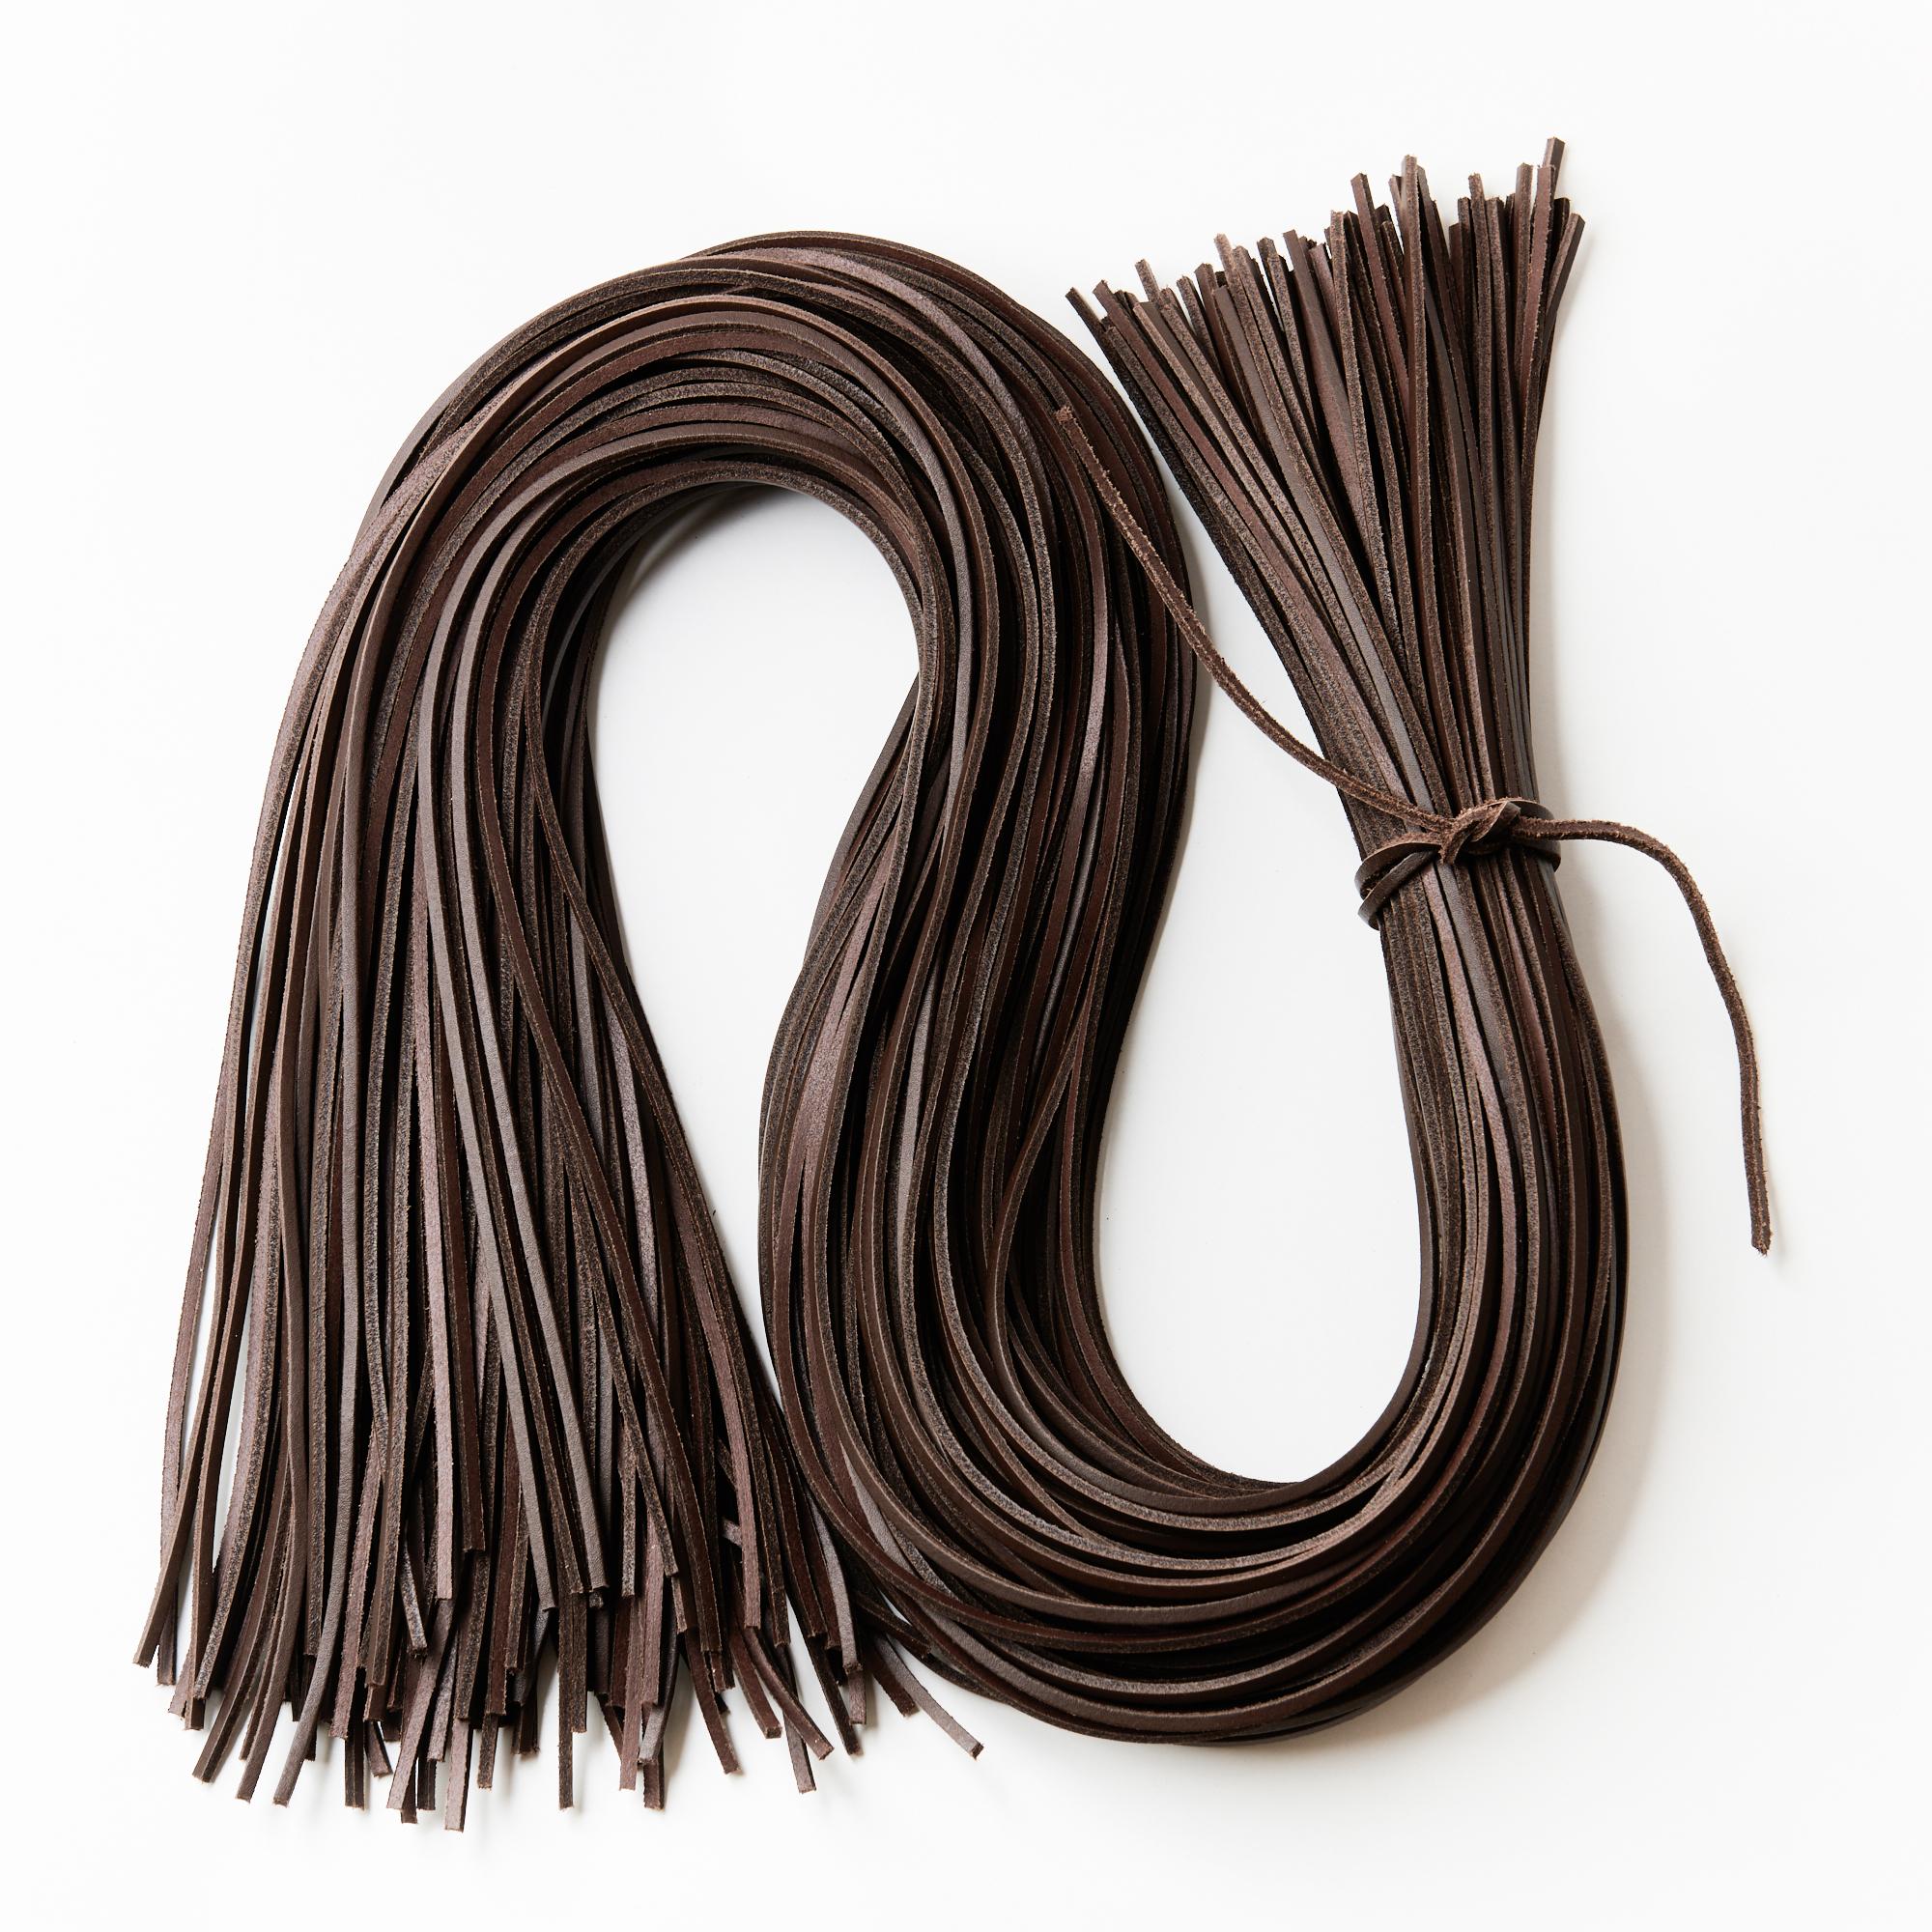 Lederriemen, Lederband Docksider für Schnürsenkel oder Halstuchknoten.